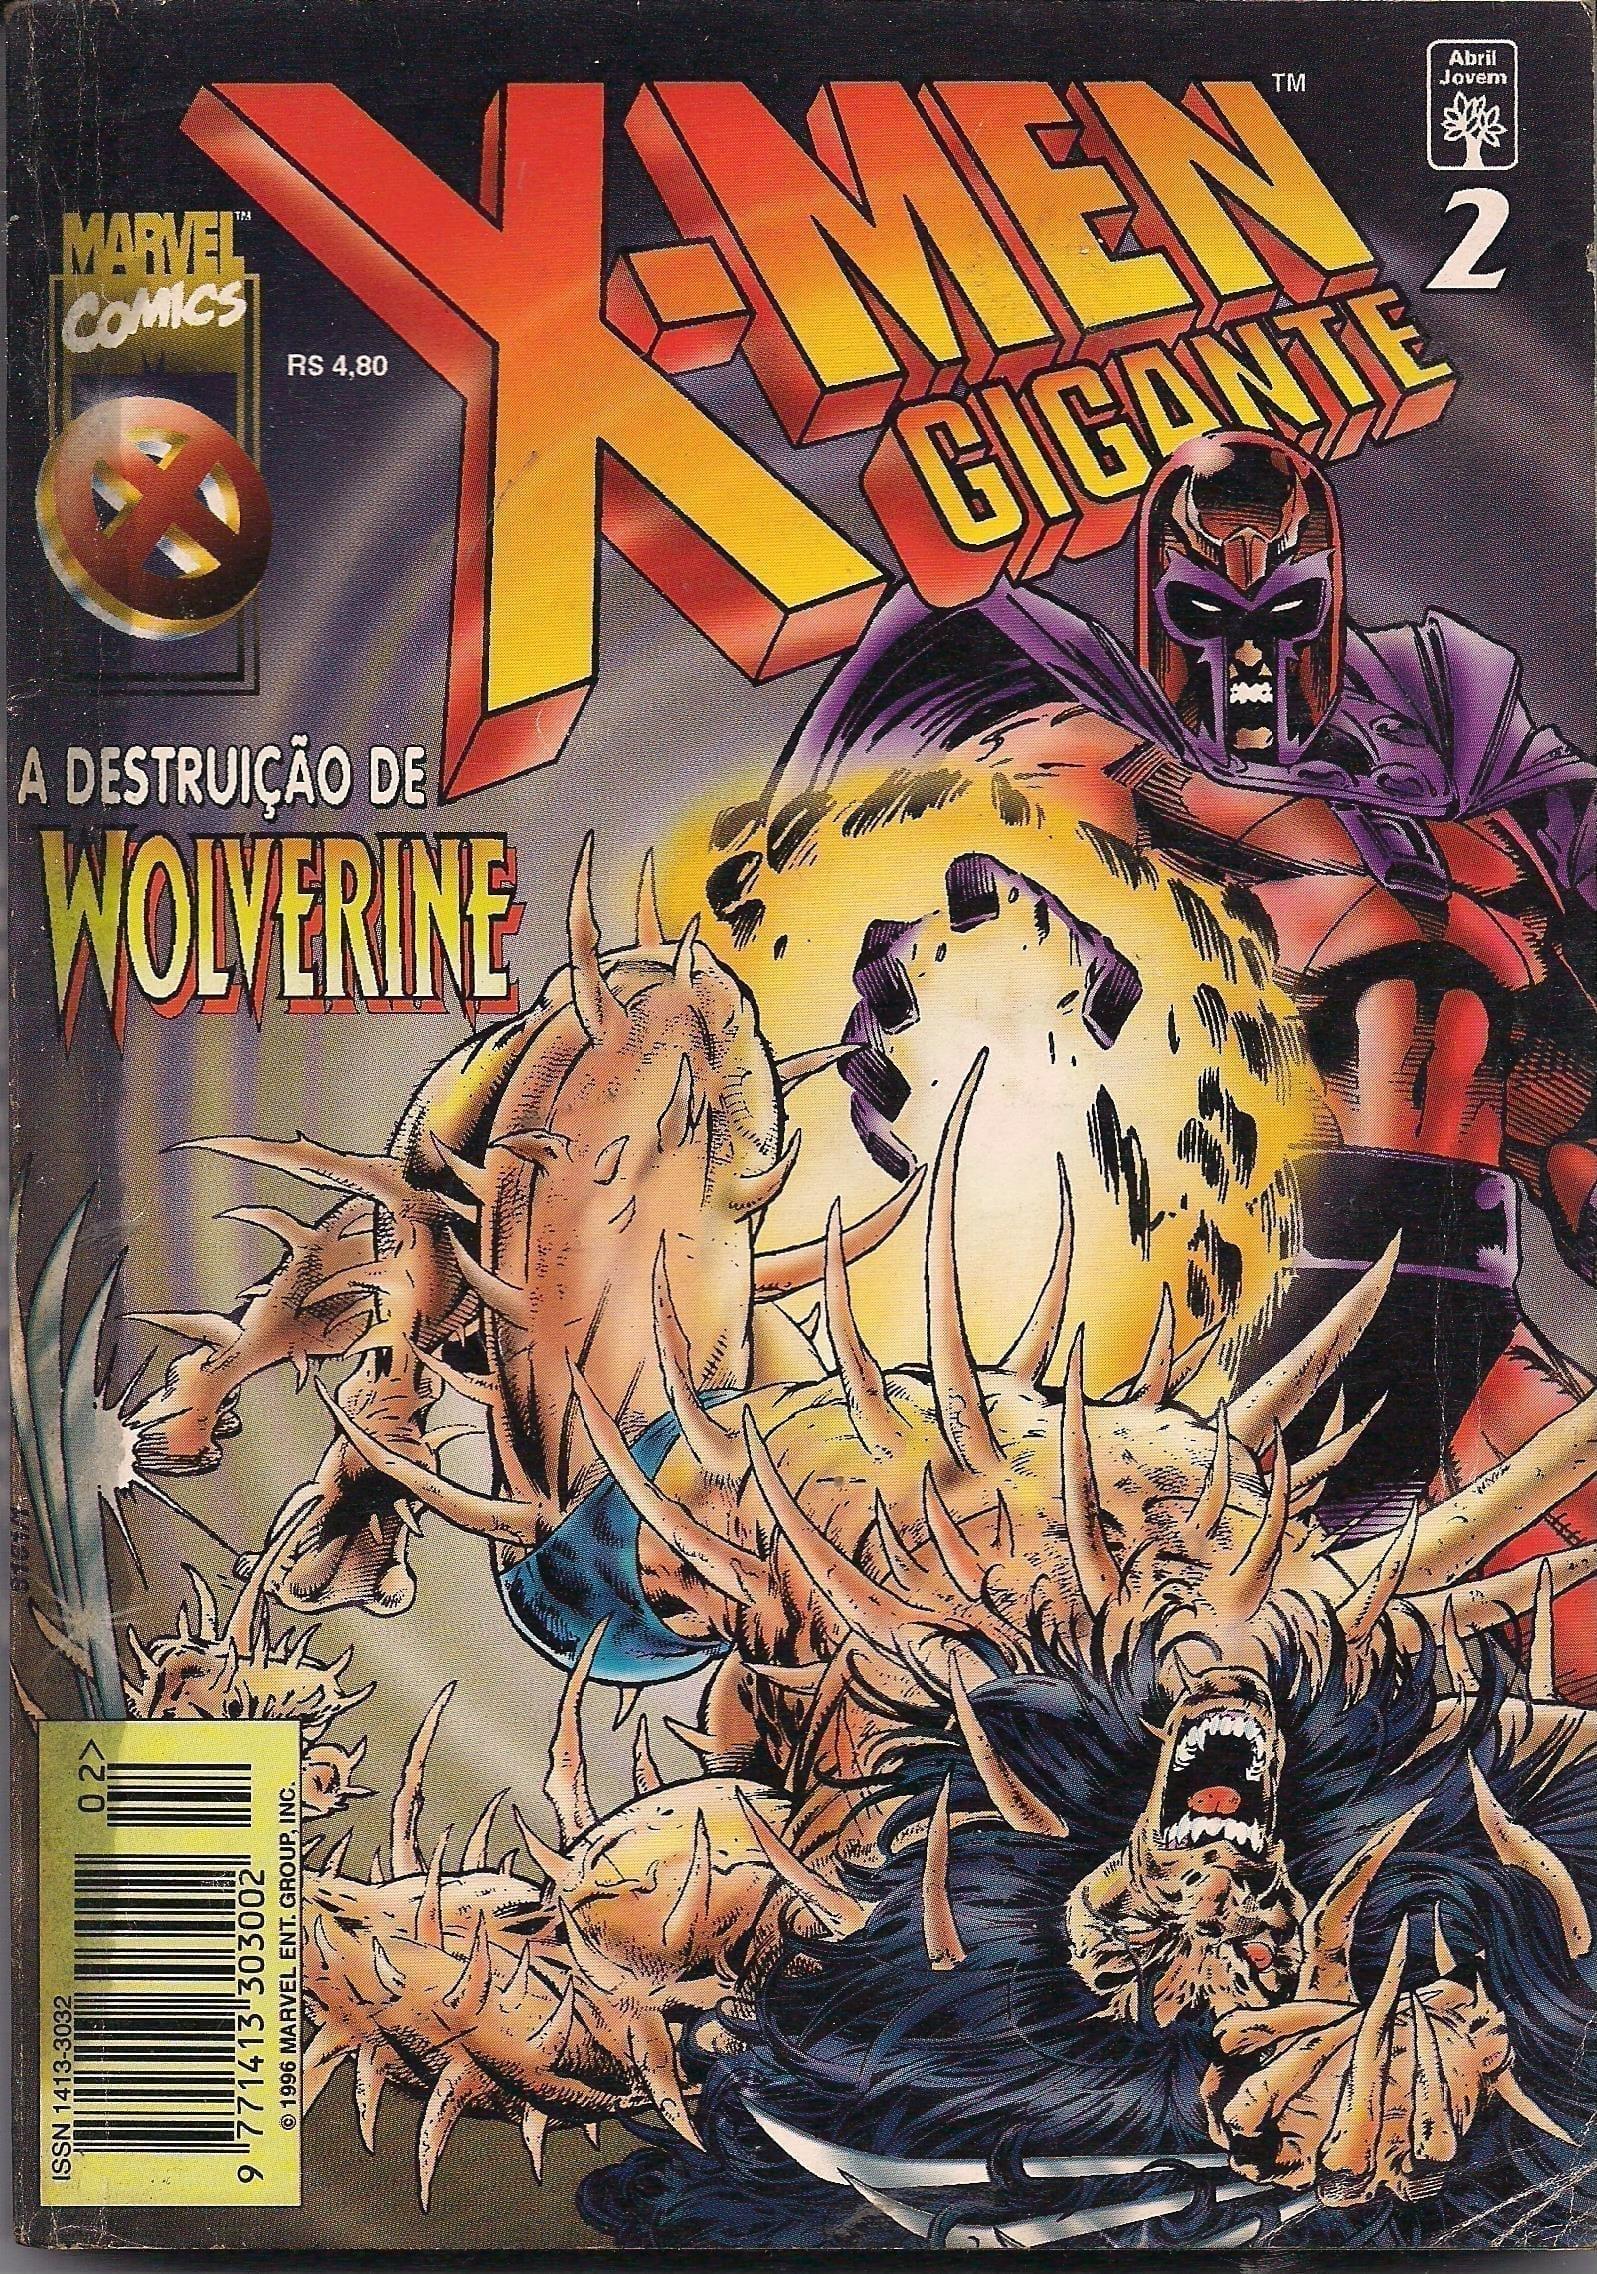 Capa: X-Men Gigante - A Destruição de Wolverine 2